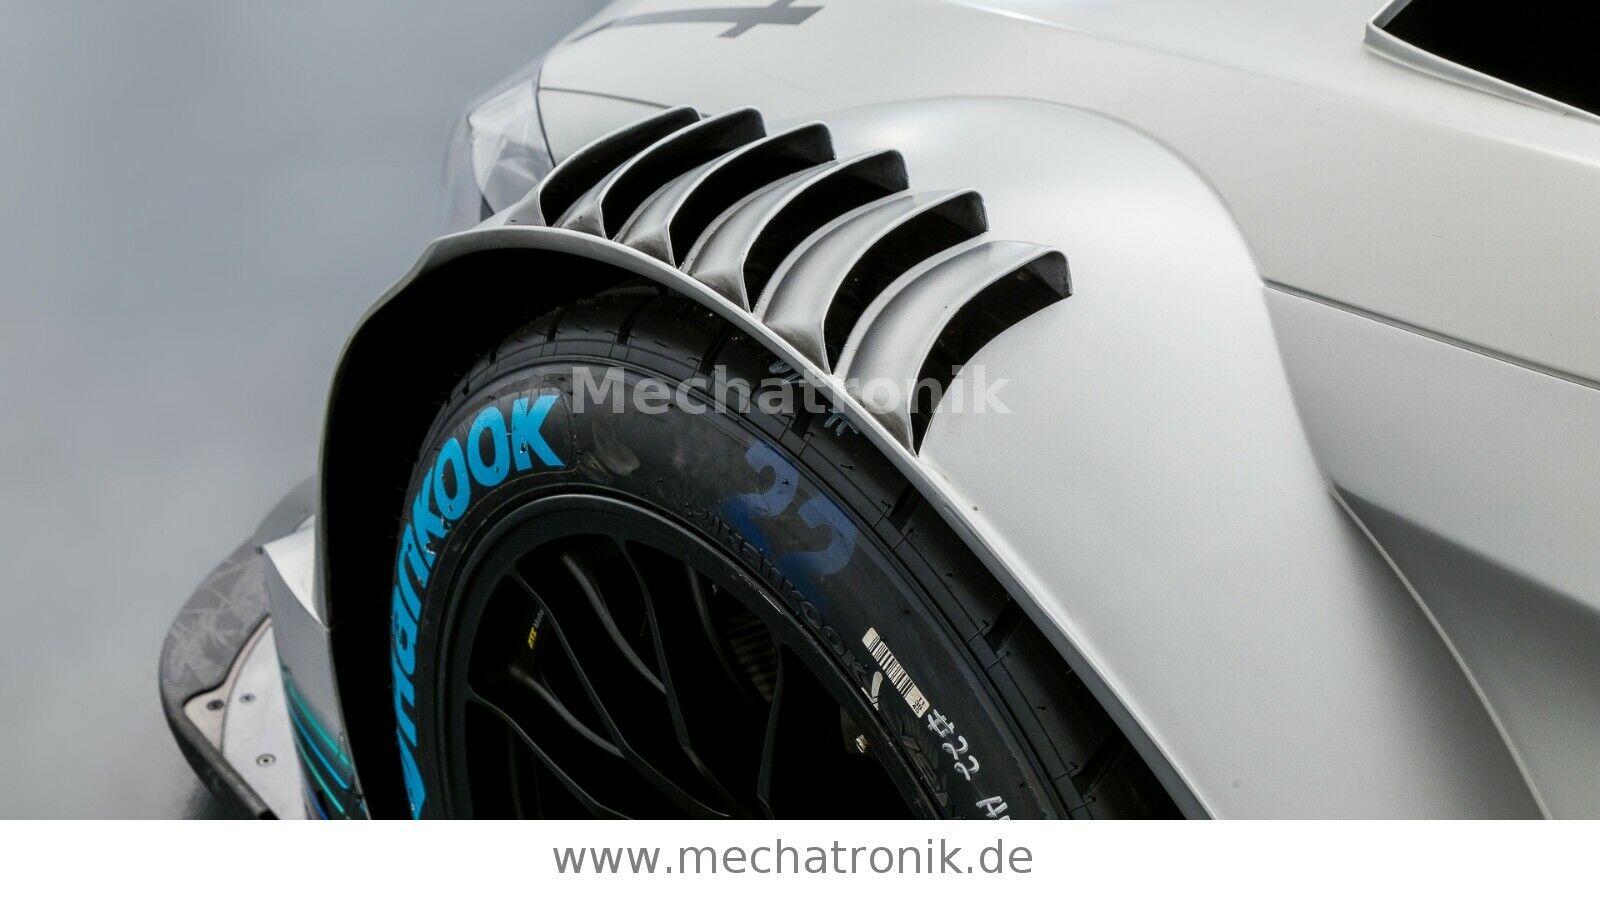 Mercedes-AMG C63 DTM louvers